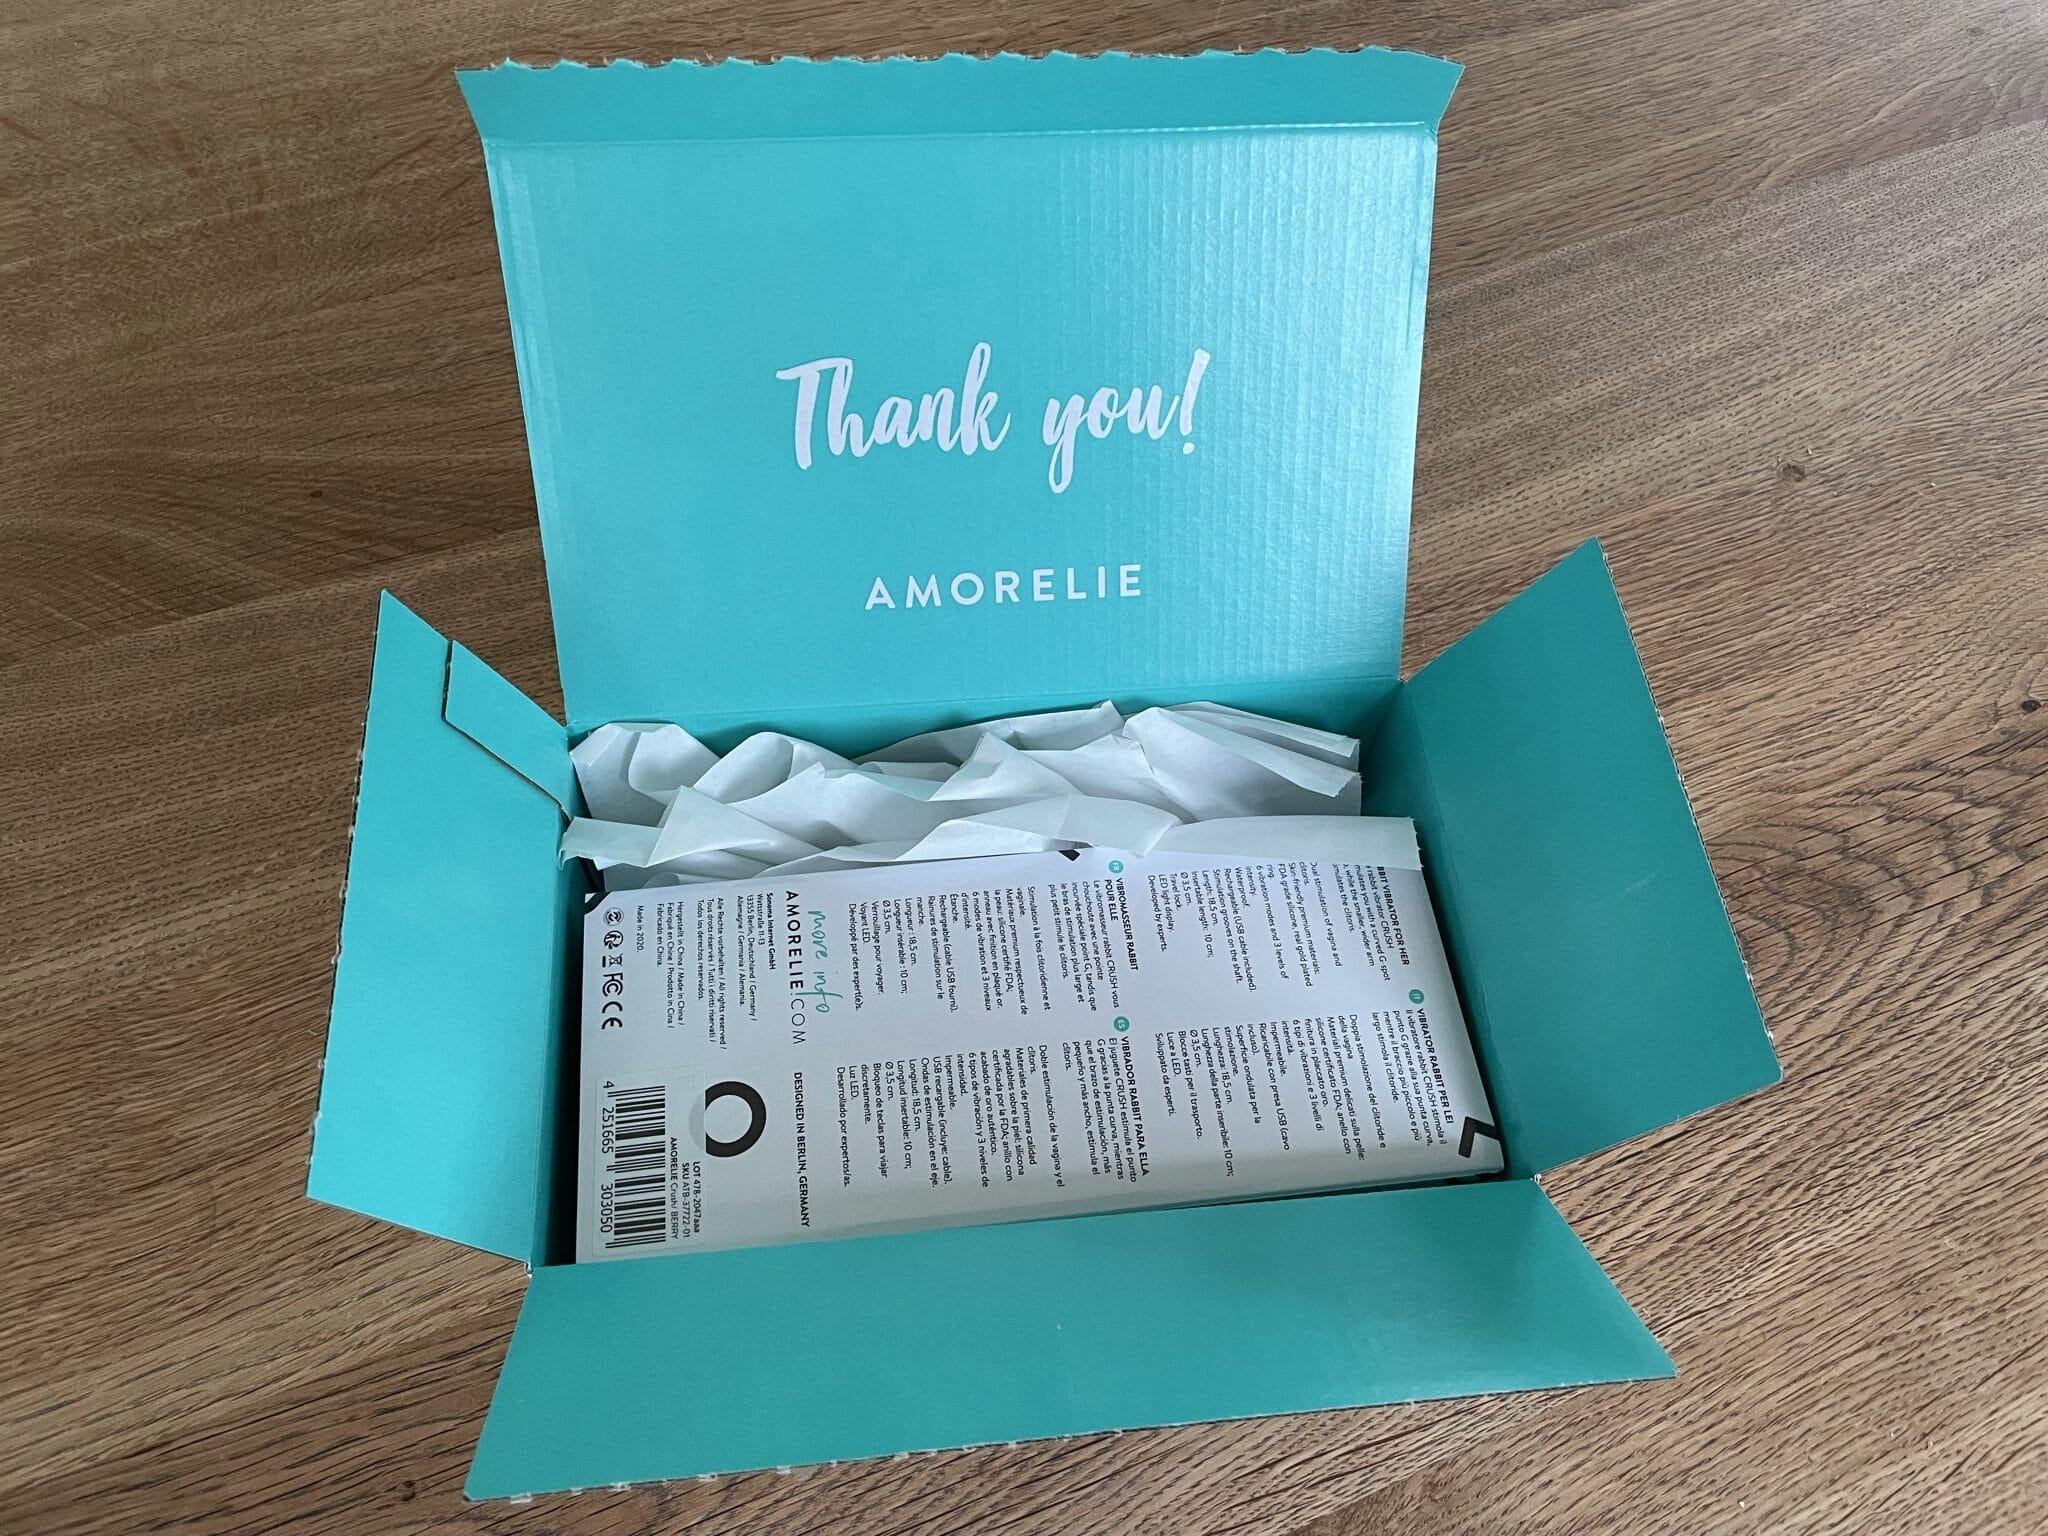 Türkises geöffnetes Paket von Amorelie